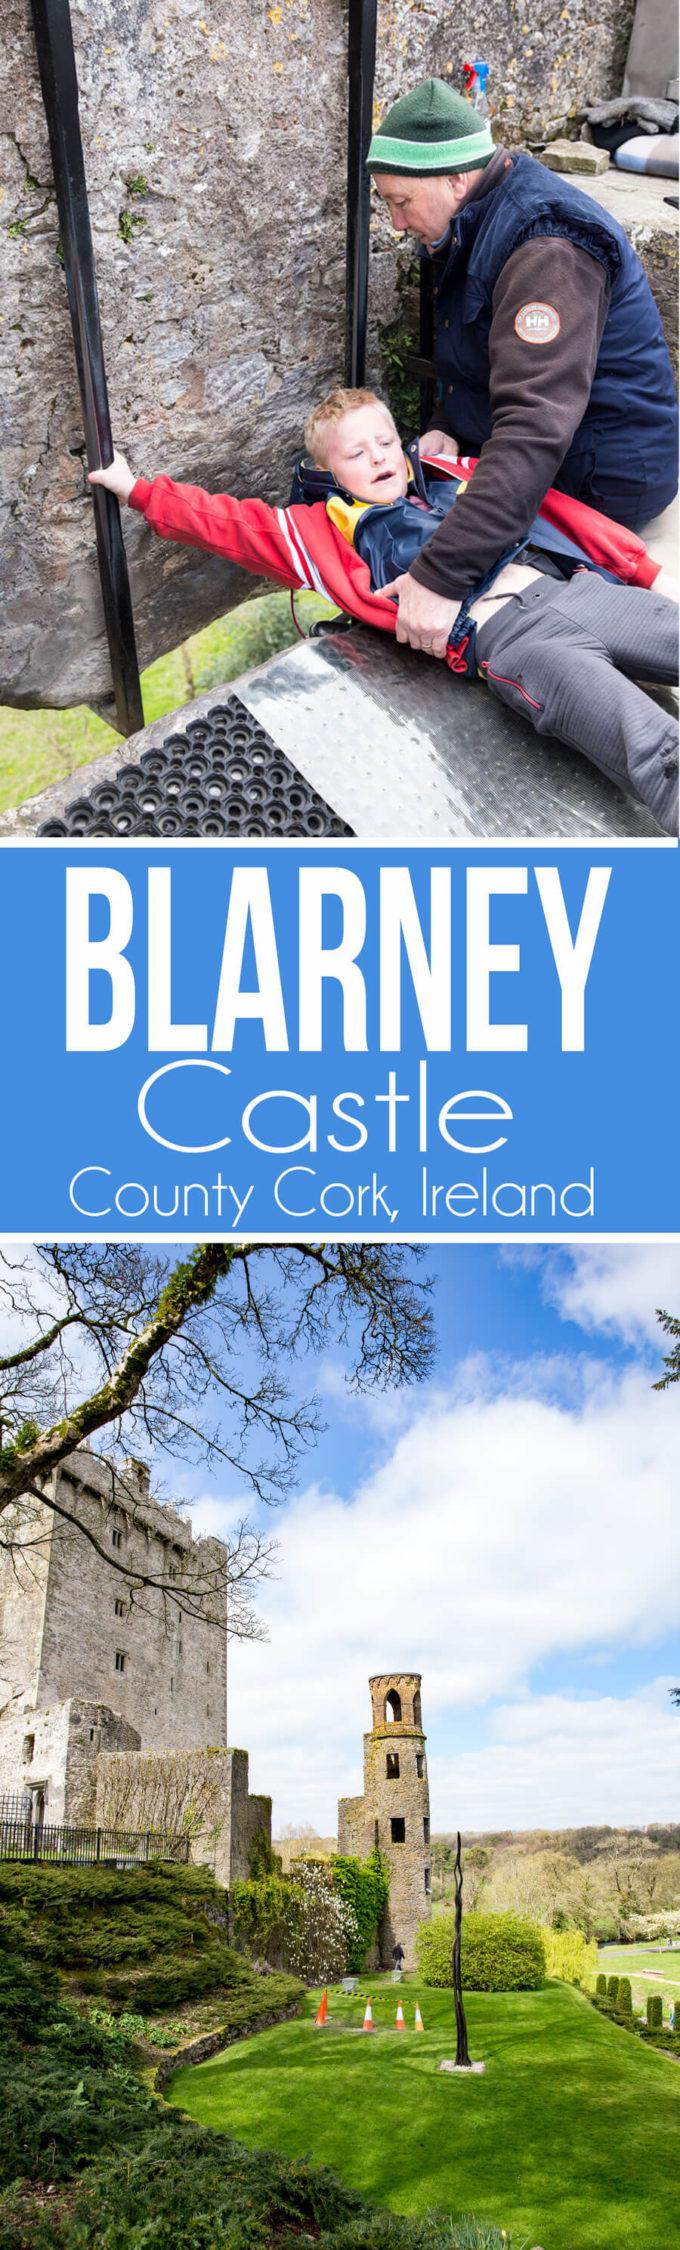 Visiting Blarney Castle in County Cork Ireland